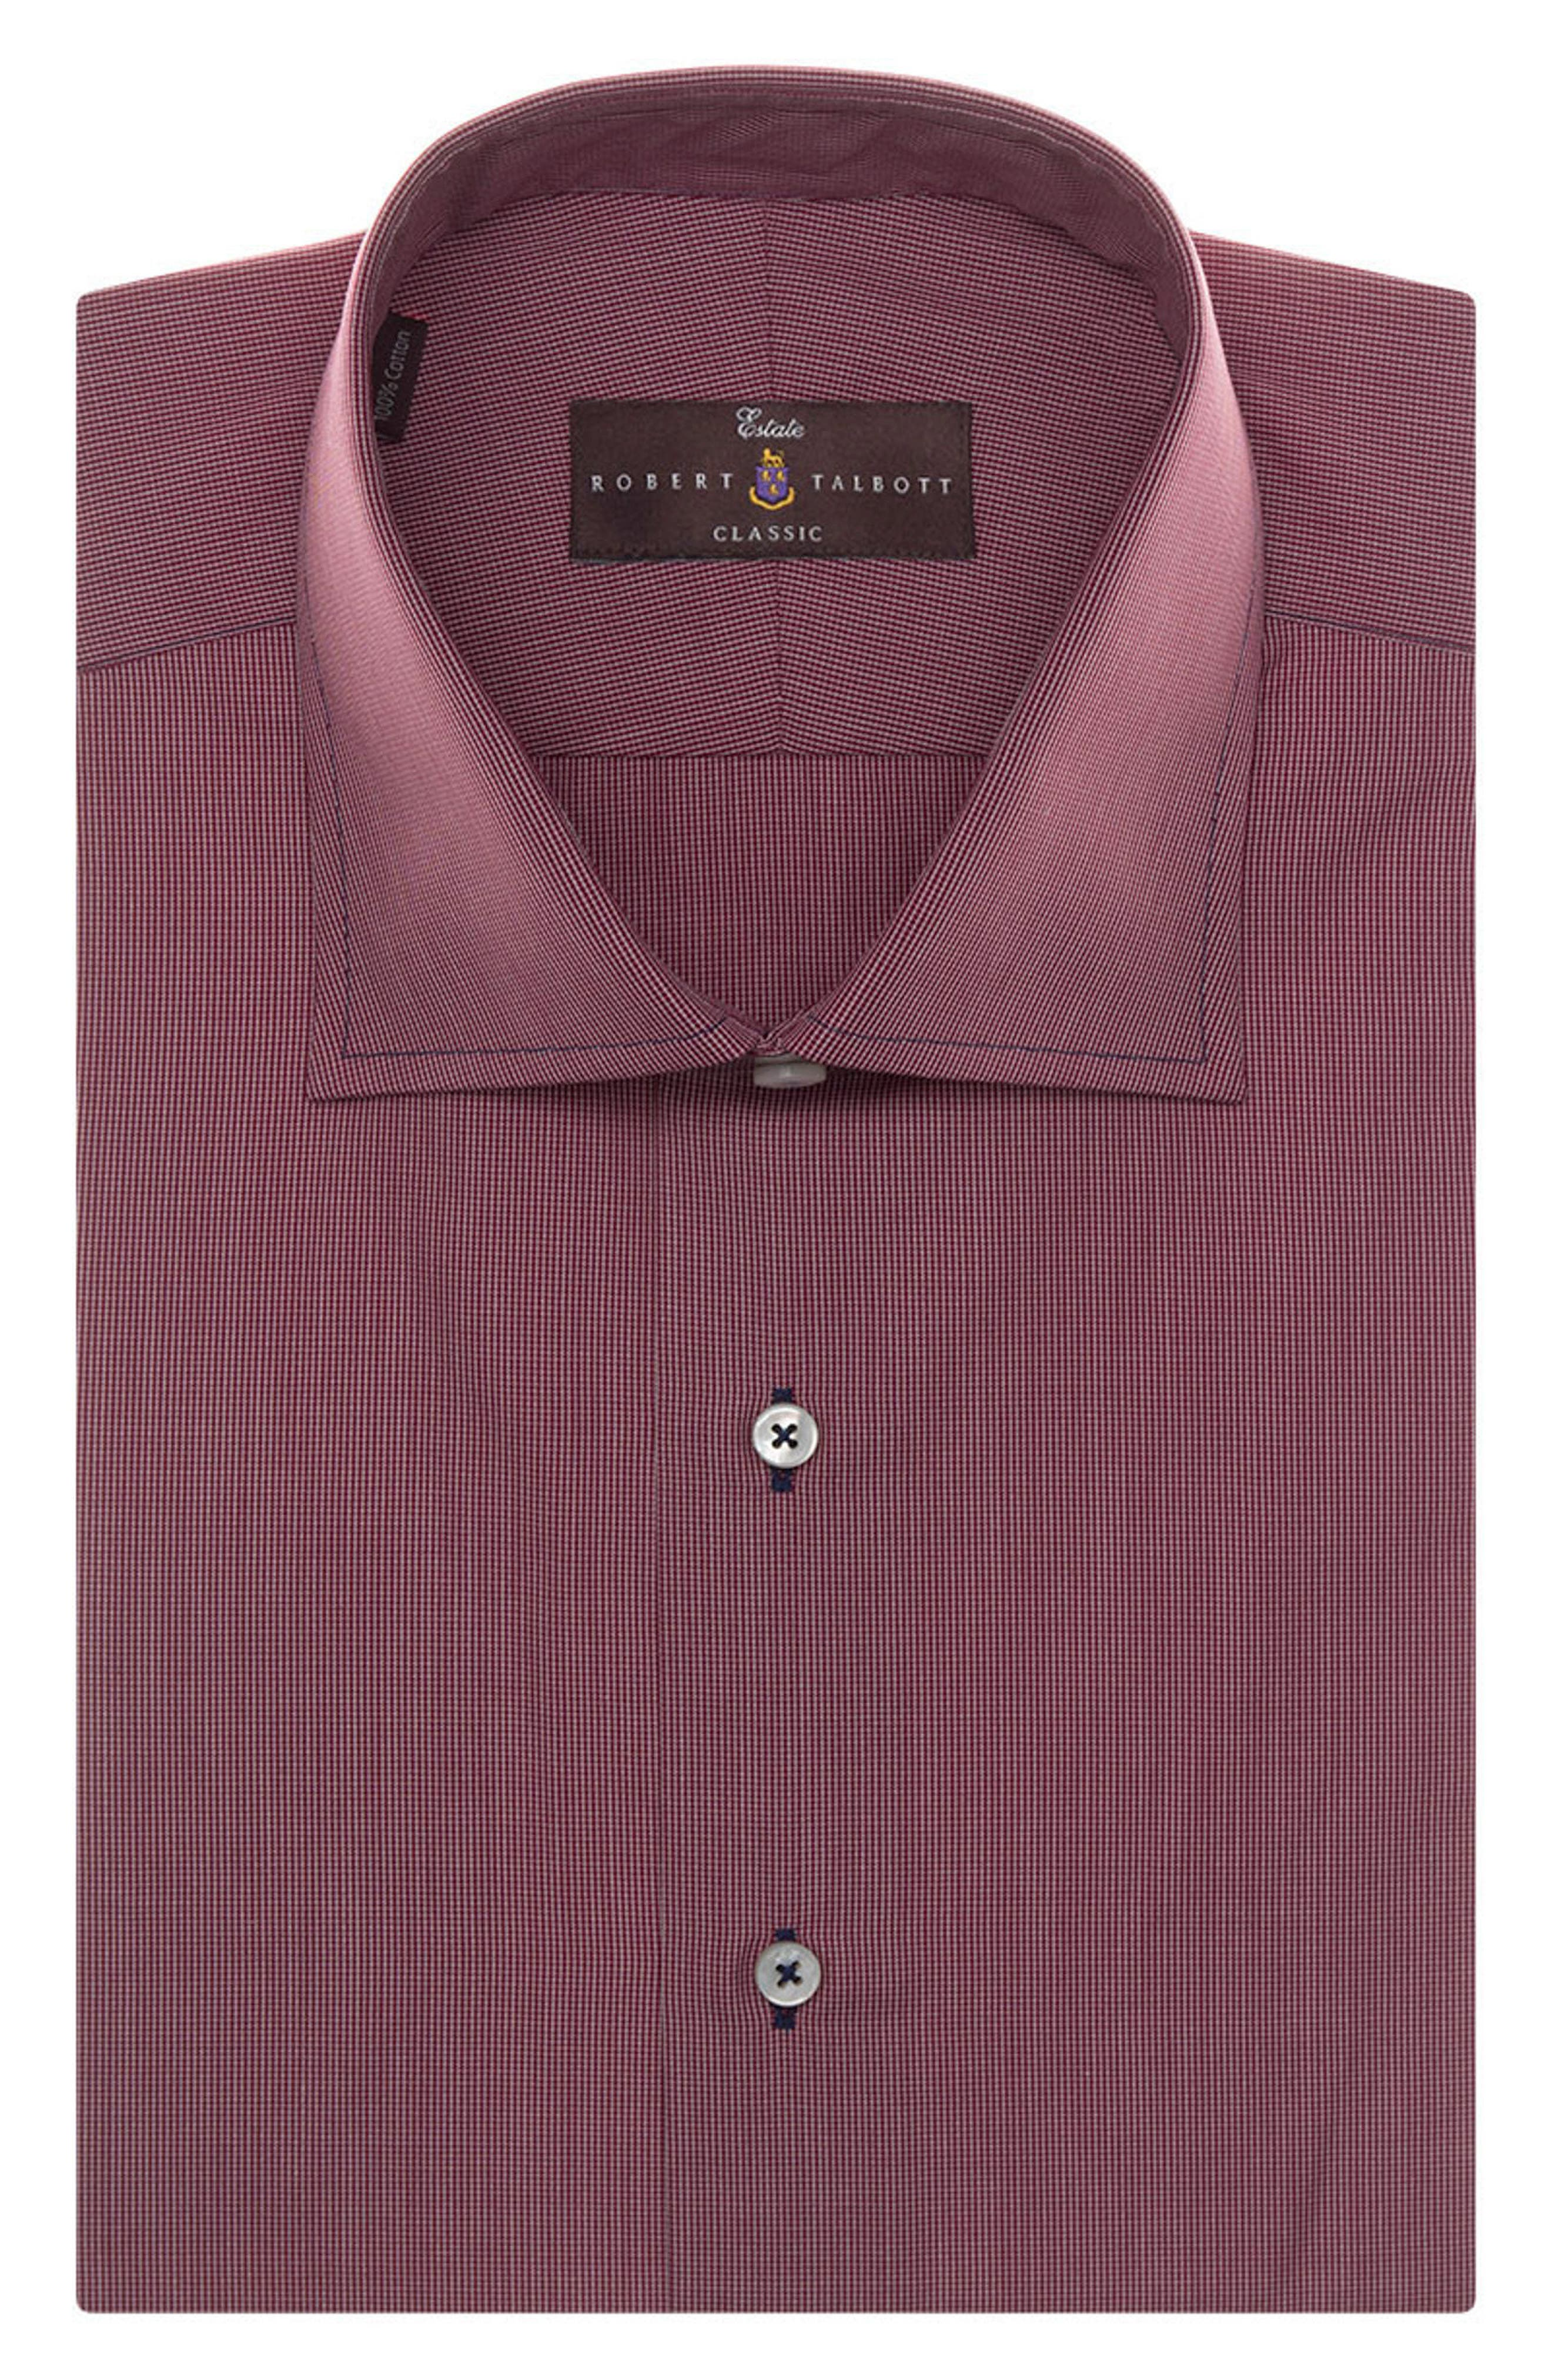 Tailored Fit Check Dress Shirt,                             Main thumbnail 1, color,                             BRICK